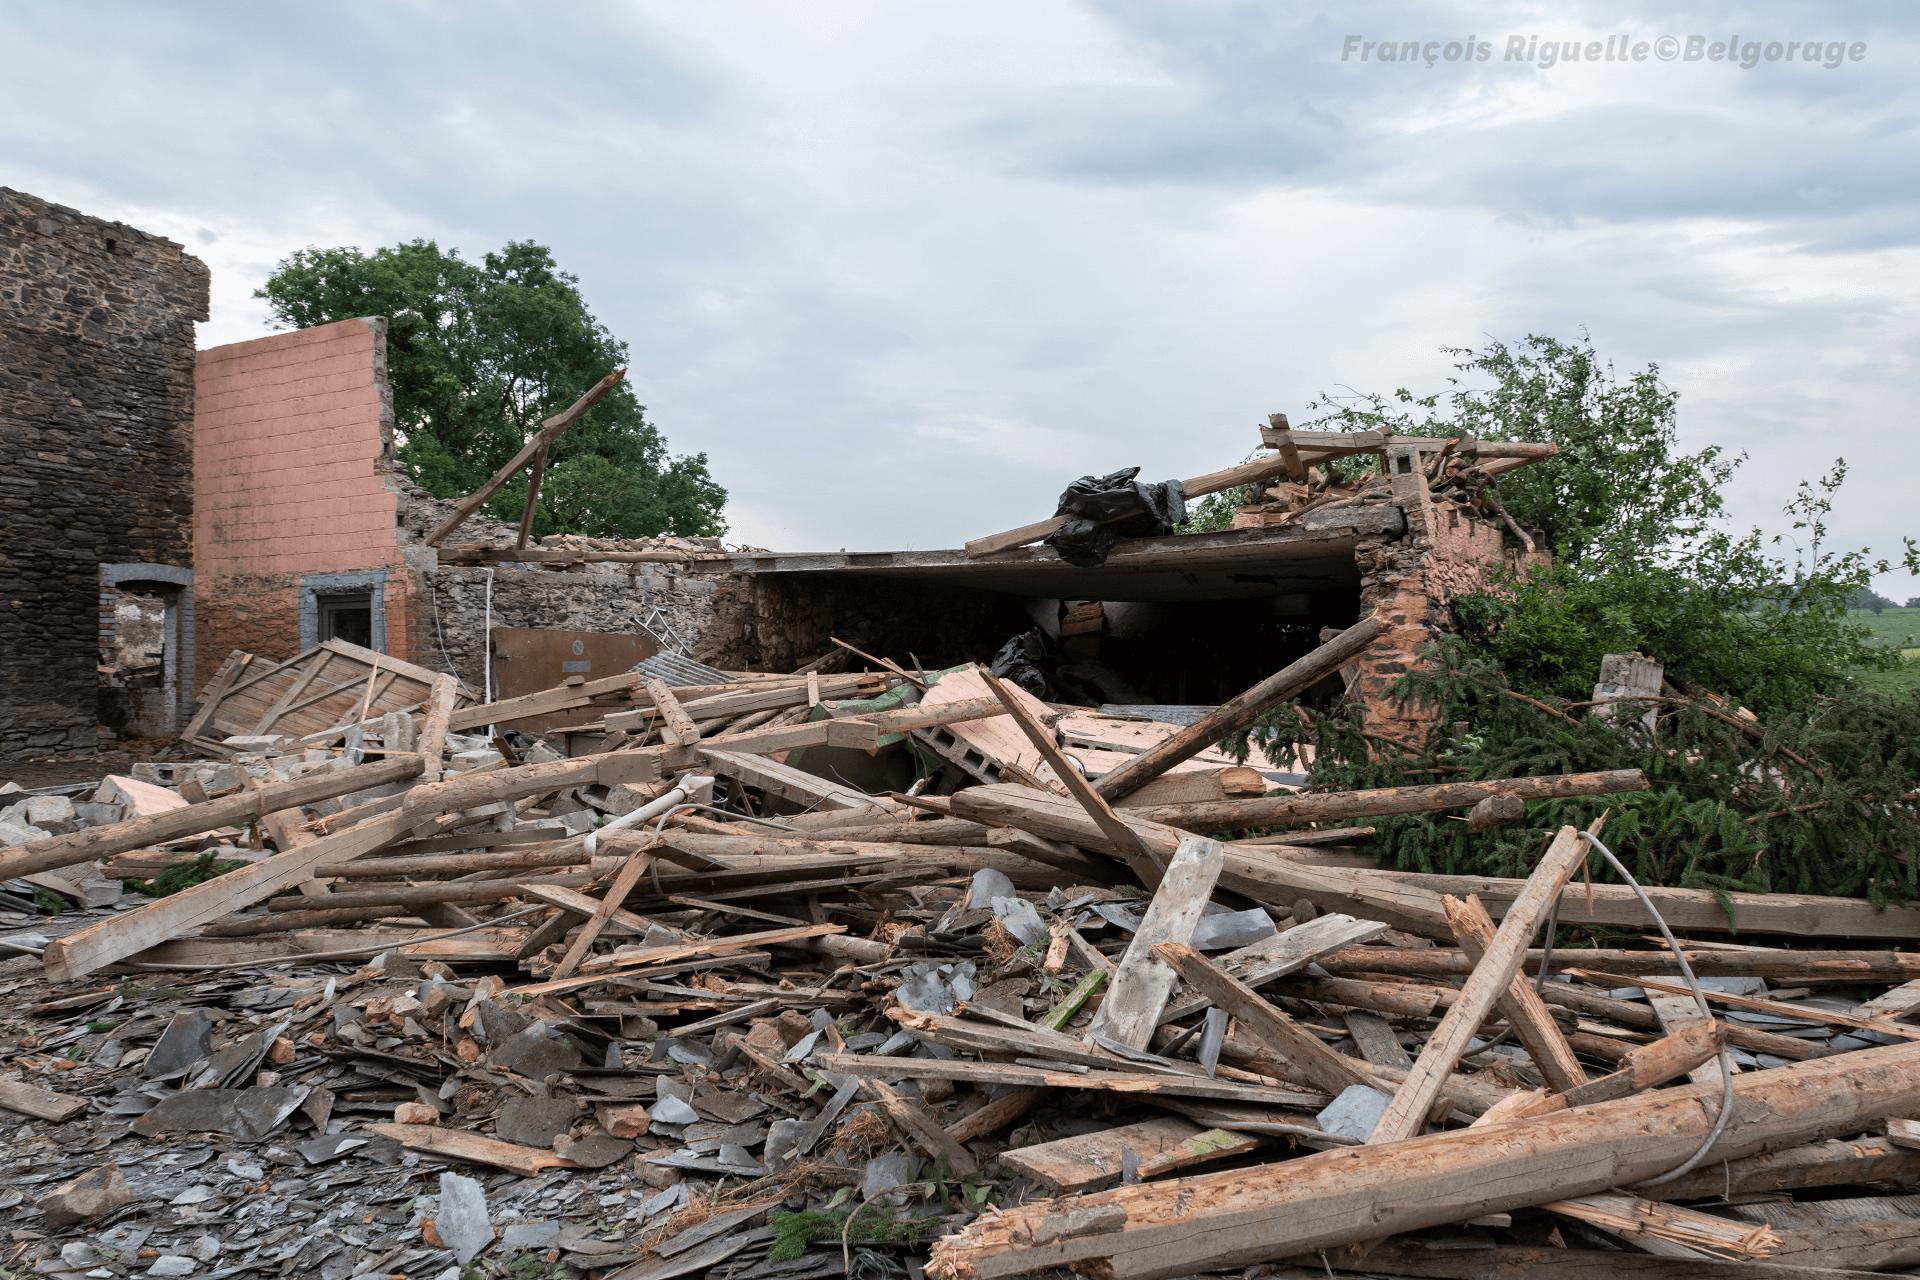 Dégâts de niveau F3 observés sur un bâtiment servant d'appartement au hameau de Bernistap, en province de Liège, suite au passage d'une tornade le 27 juin 2021.